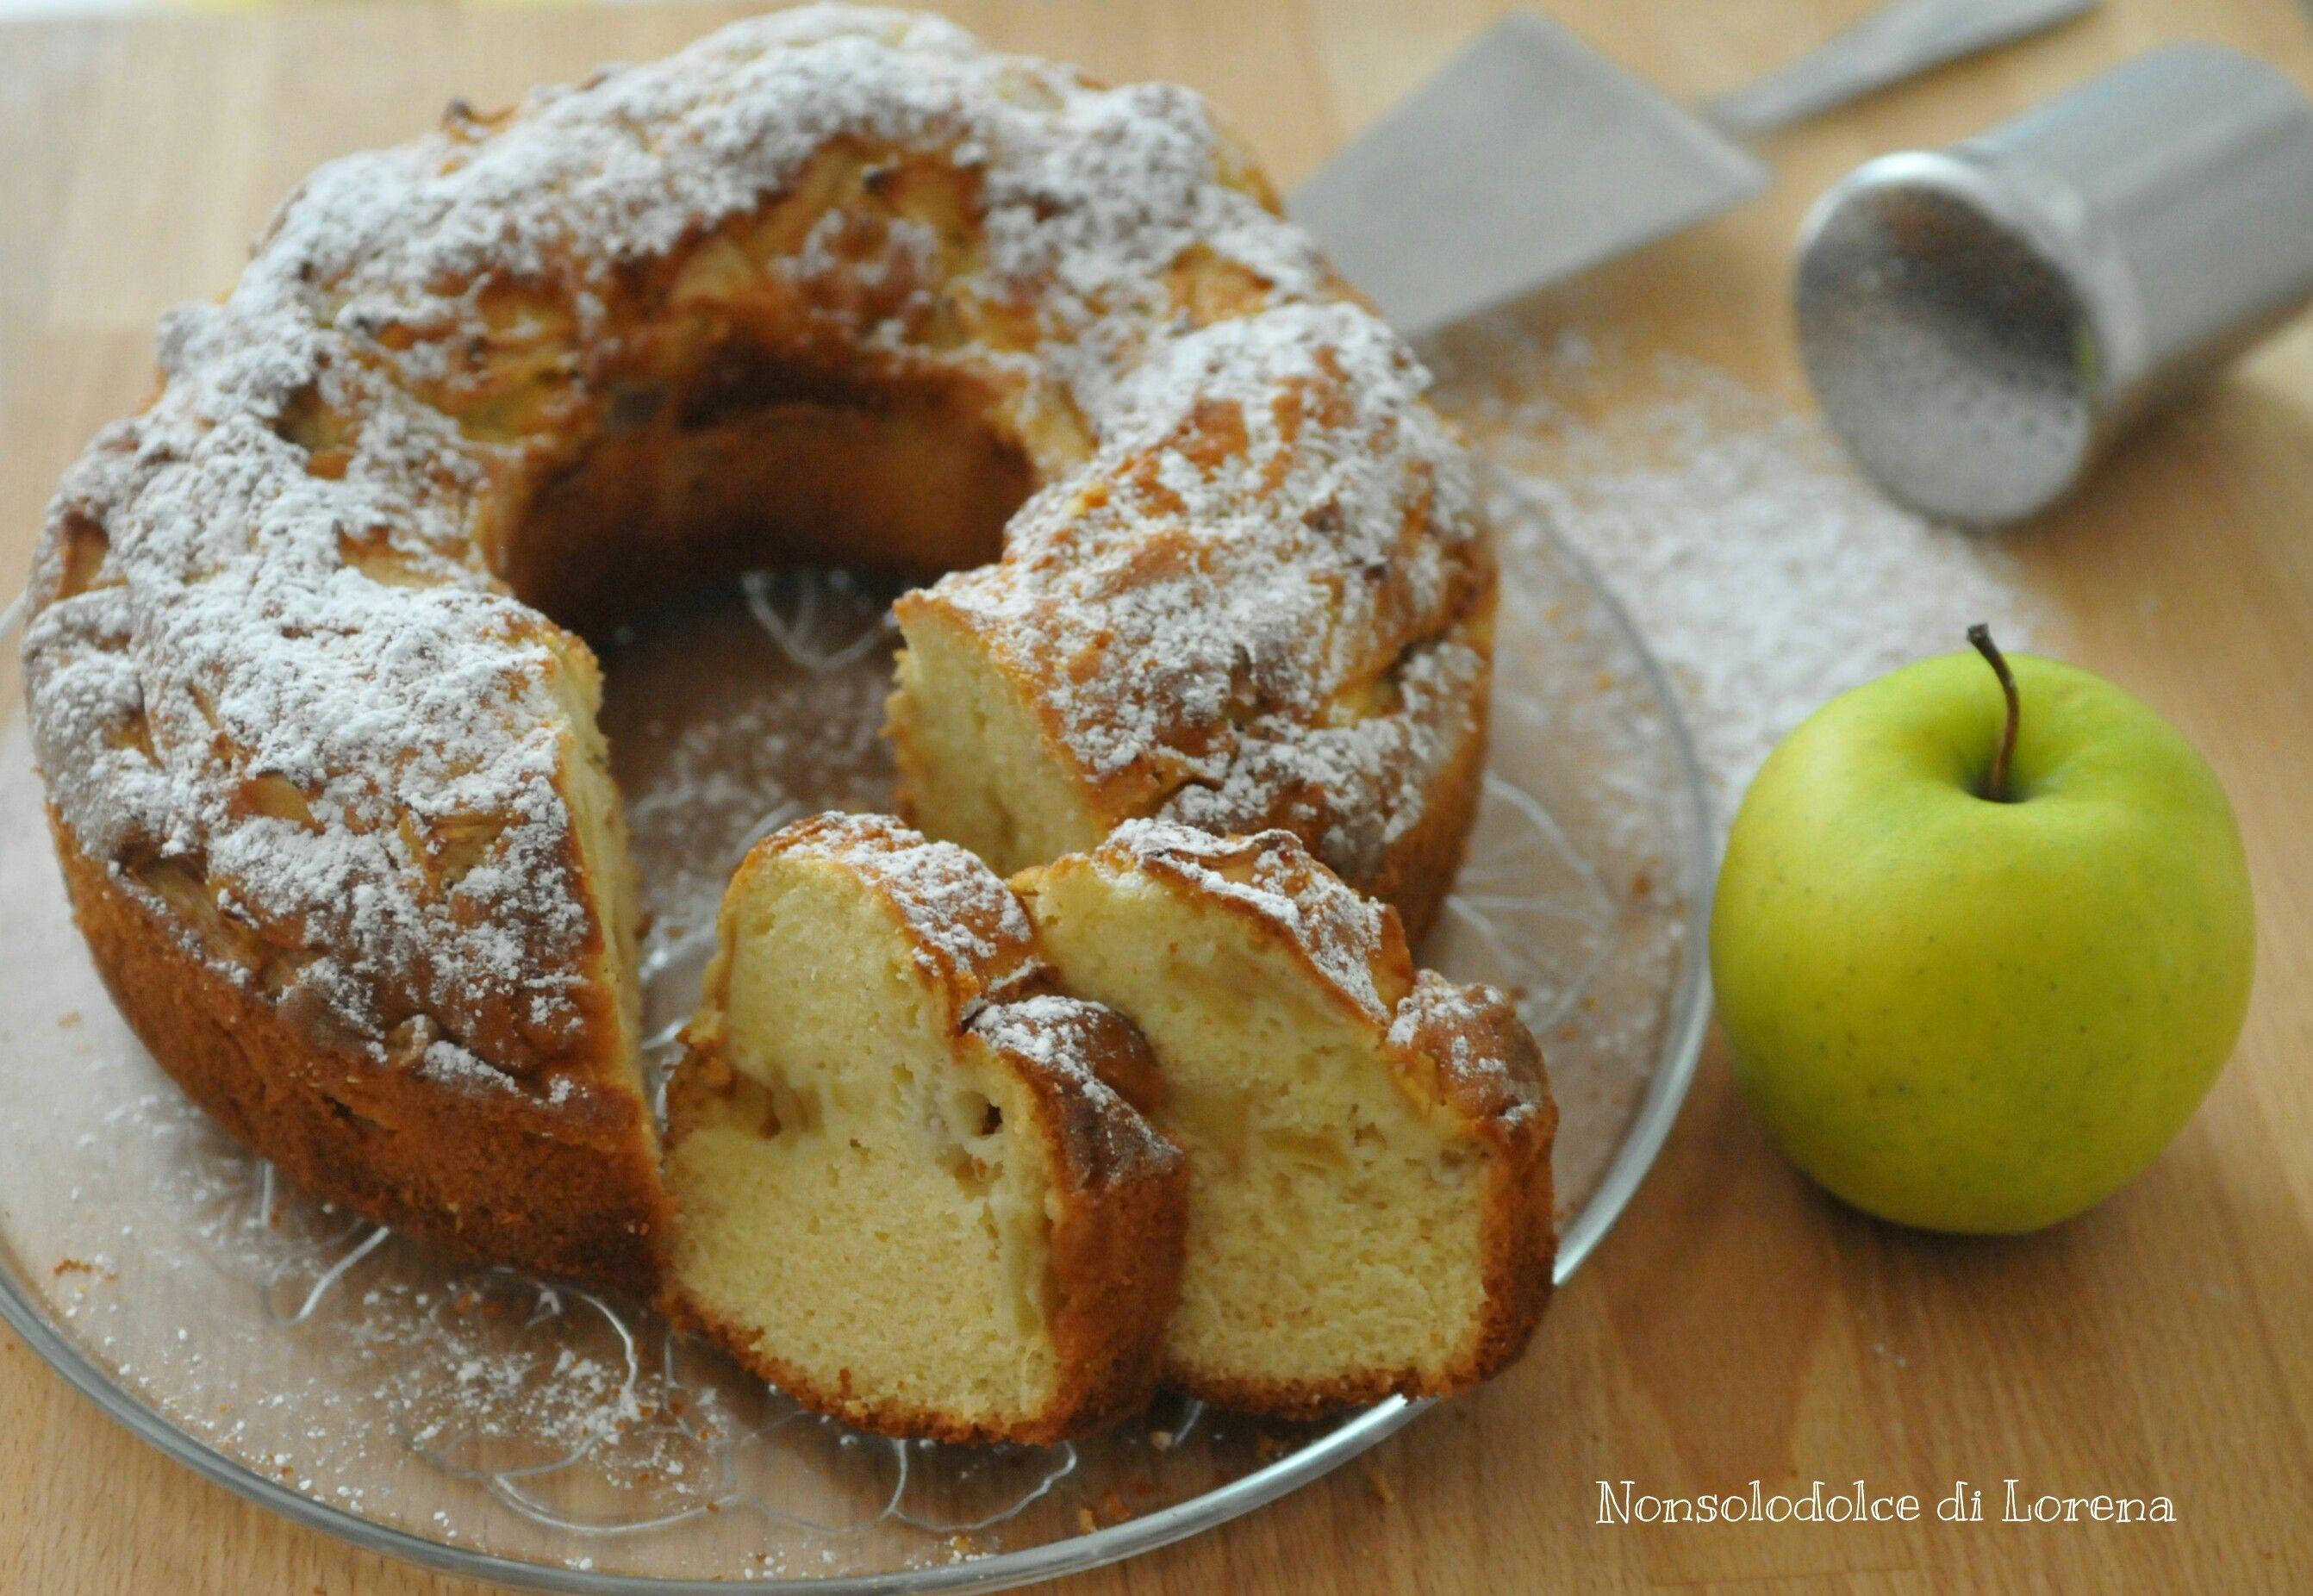 Photo of Ciambellone semplice alle mele | Nonsolodolce di Lorena